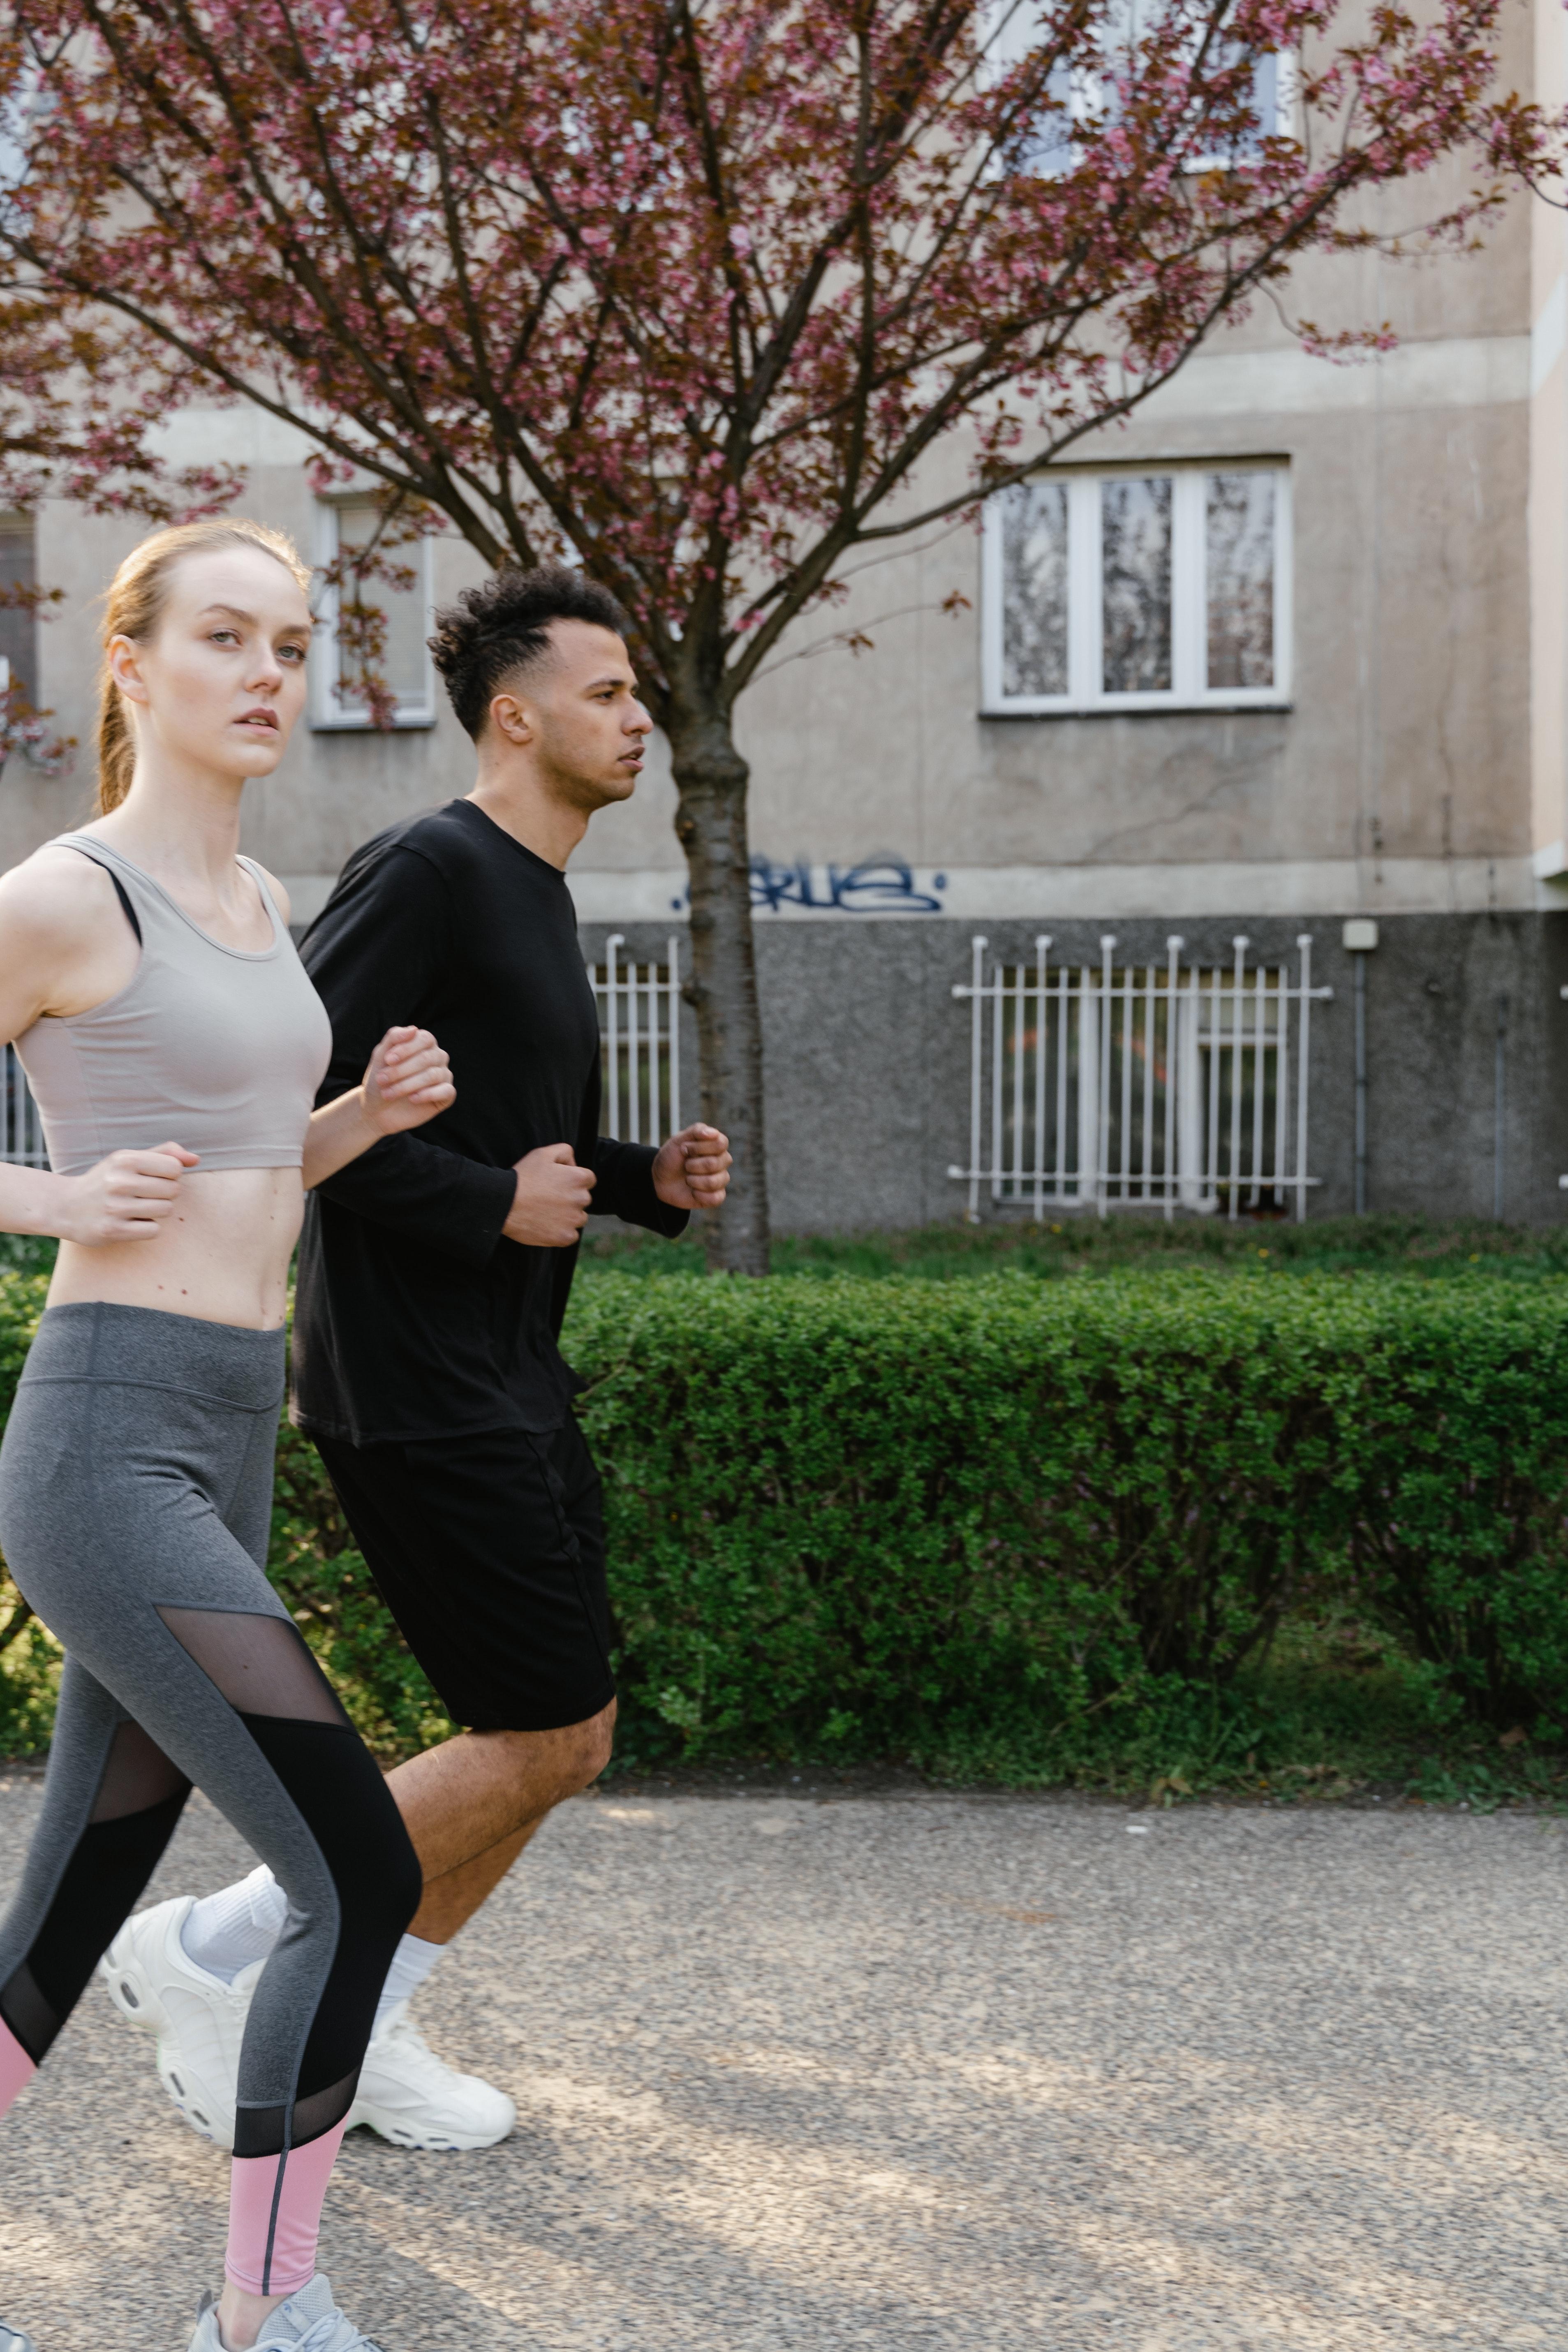 healthyrunning activity